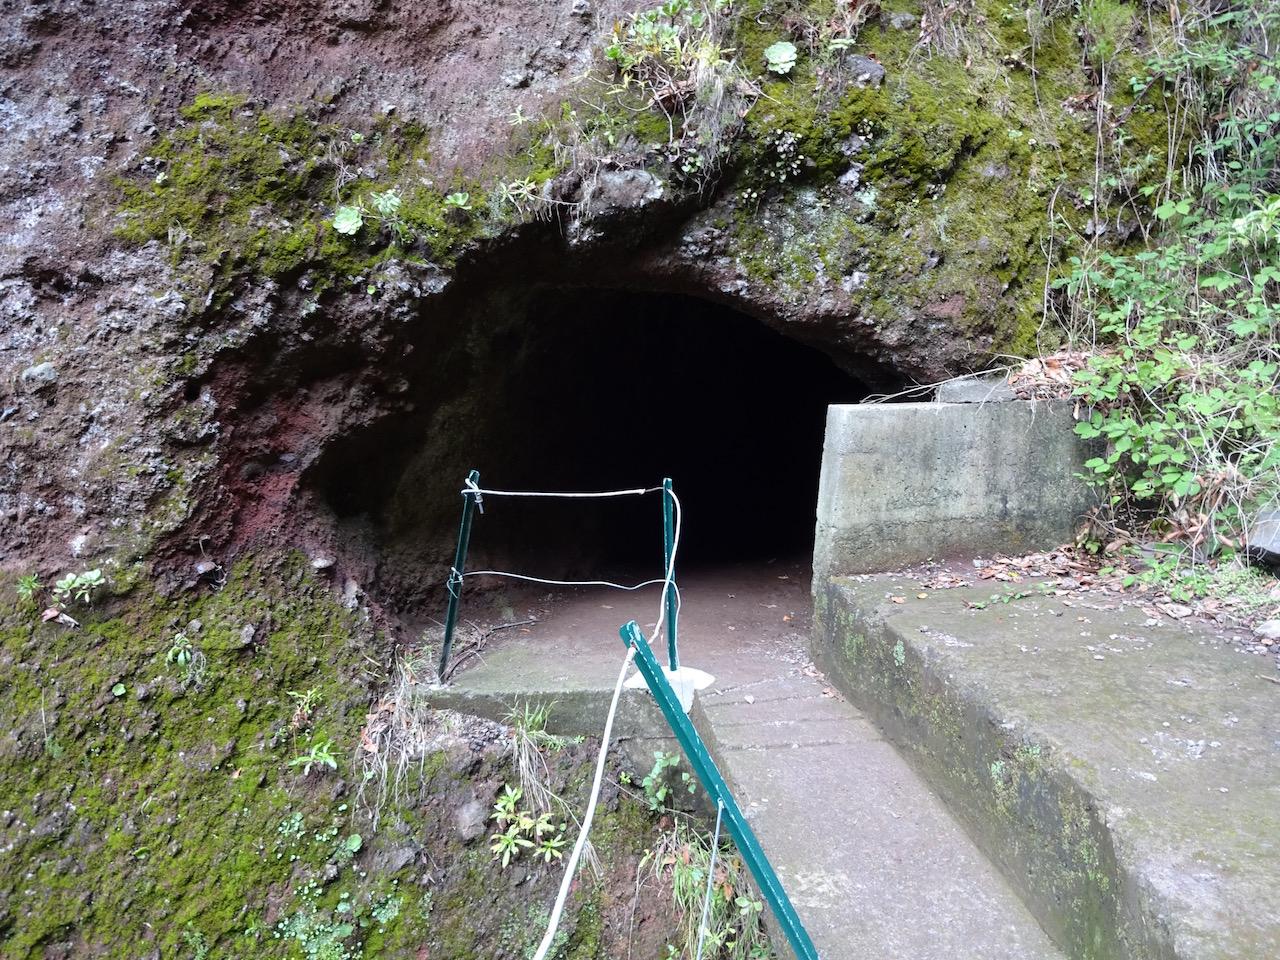 und dann geht es in einen 200 Meter langen Tunnel